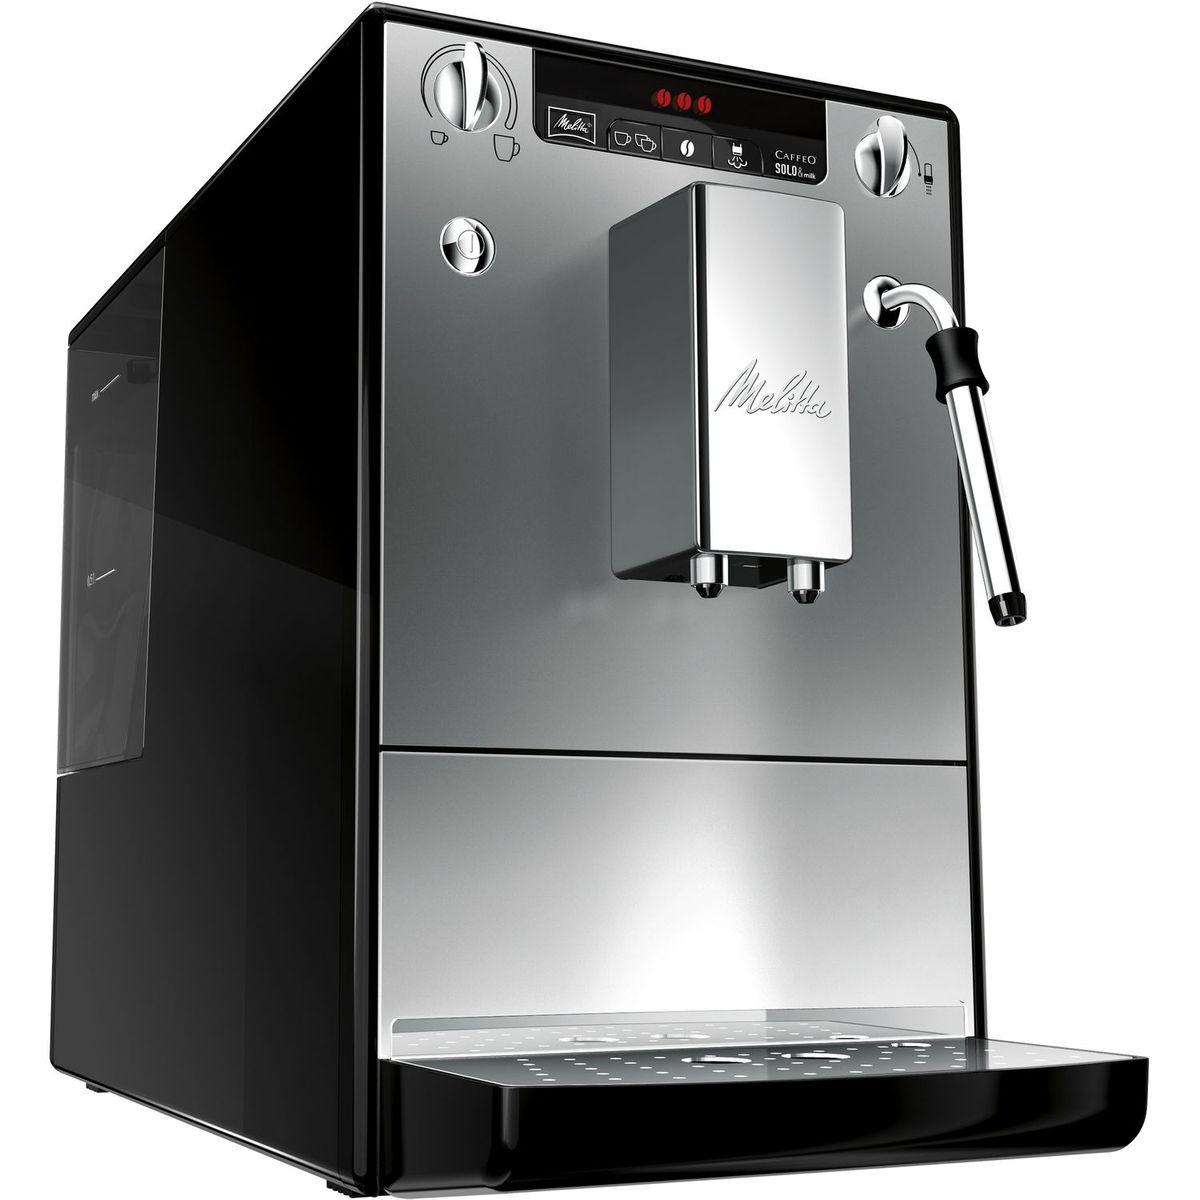 Espresso broyeur - E953-102